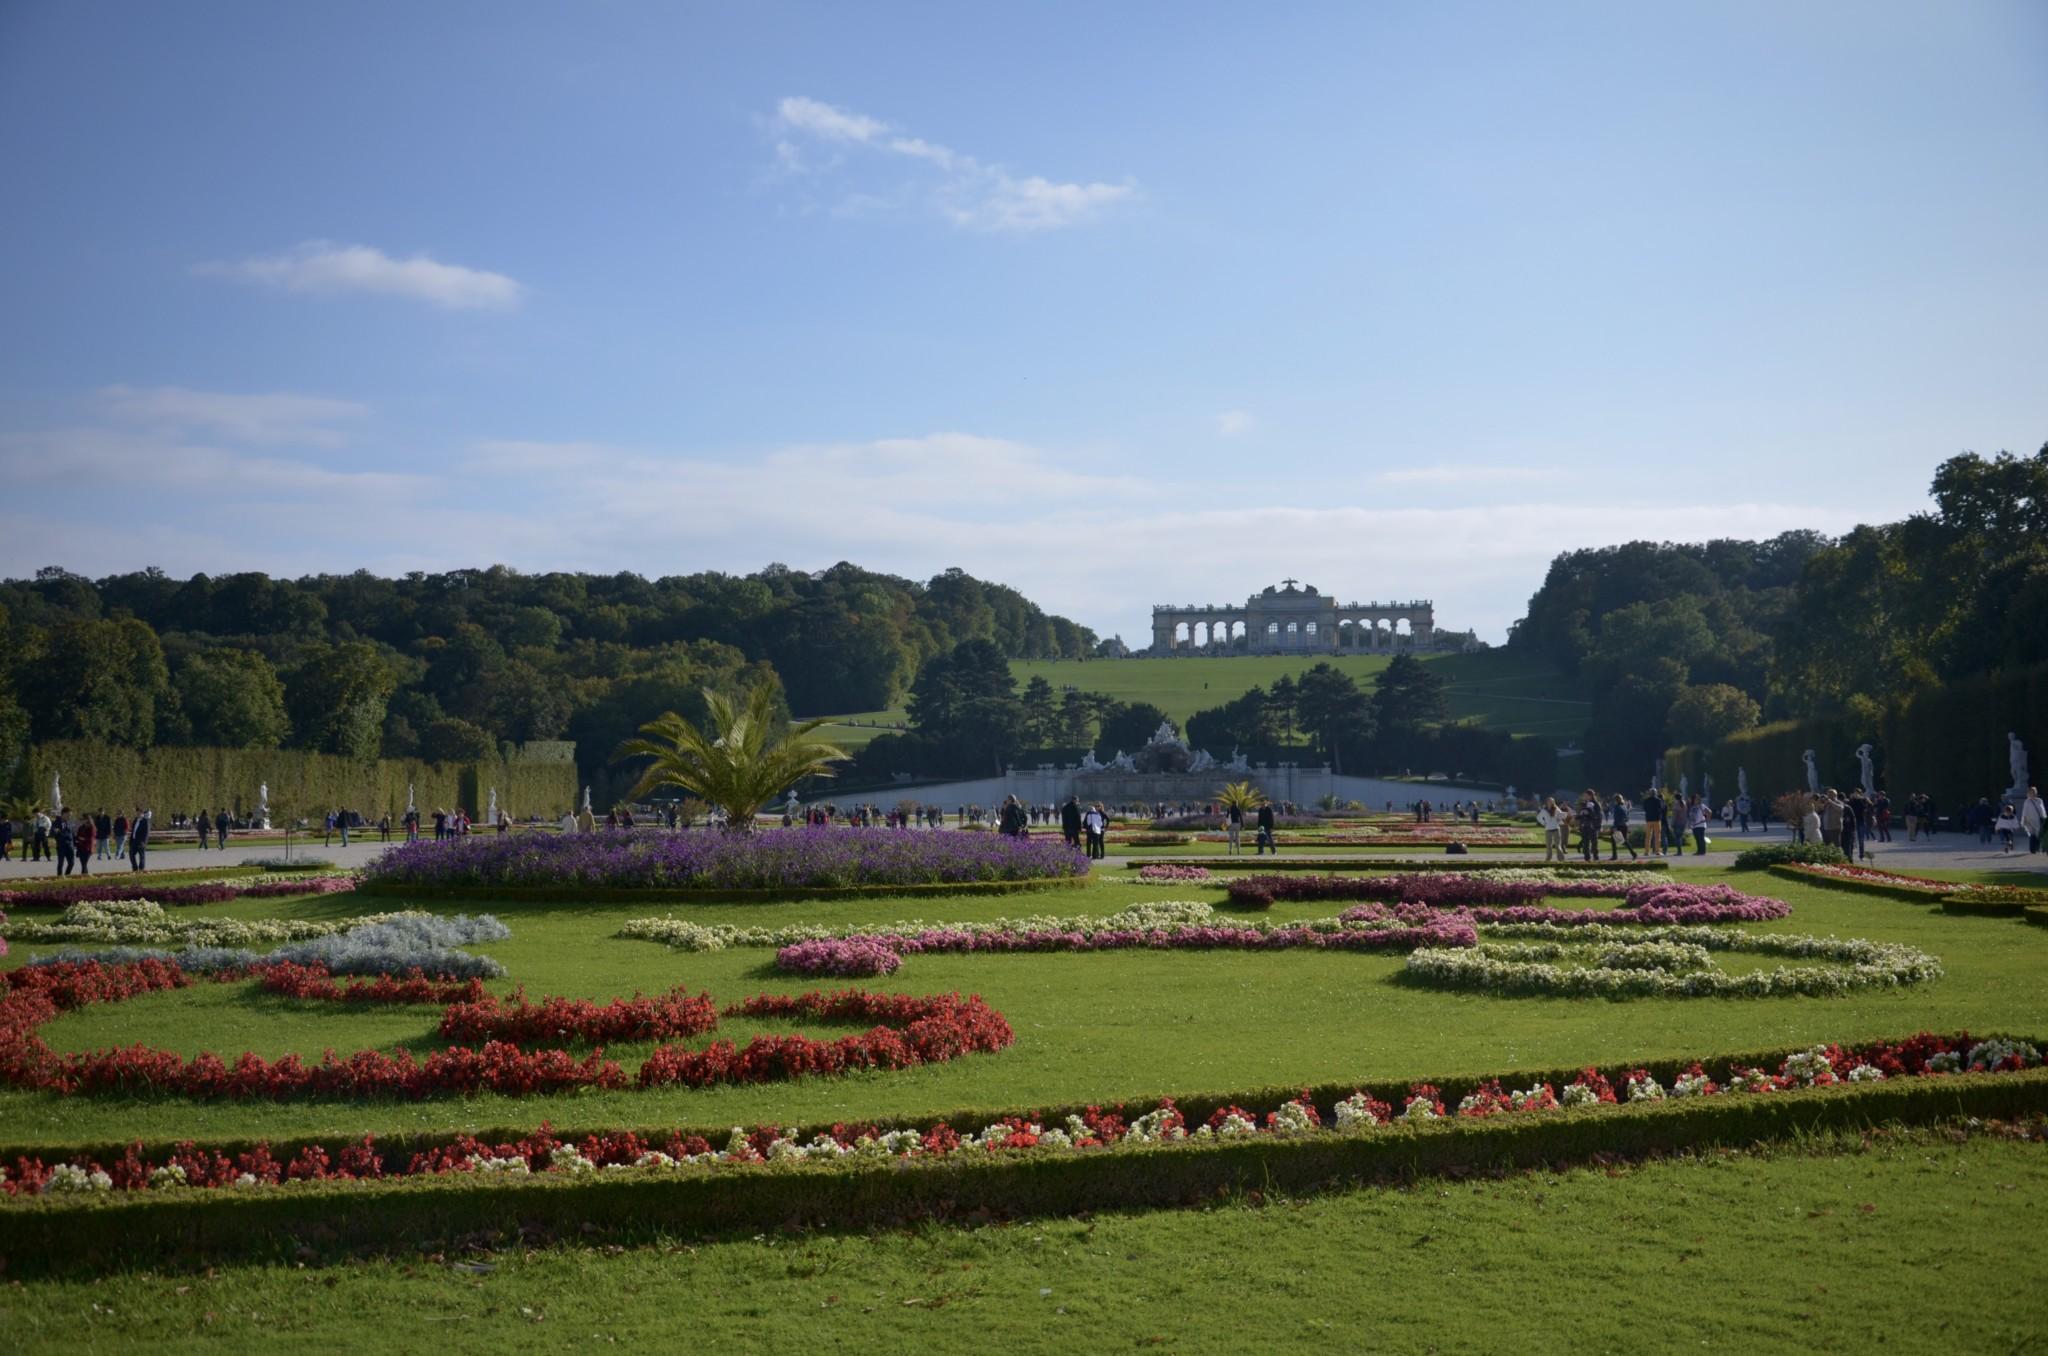 Der Schlossgarten und Schlosspark Schönbrunn zählen zu den Wien Highlights und Sehenswürdigkeiten